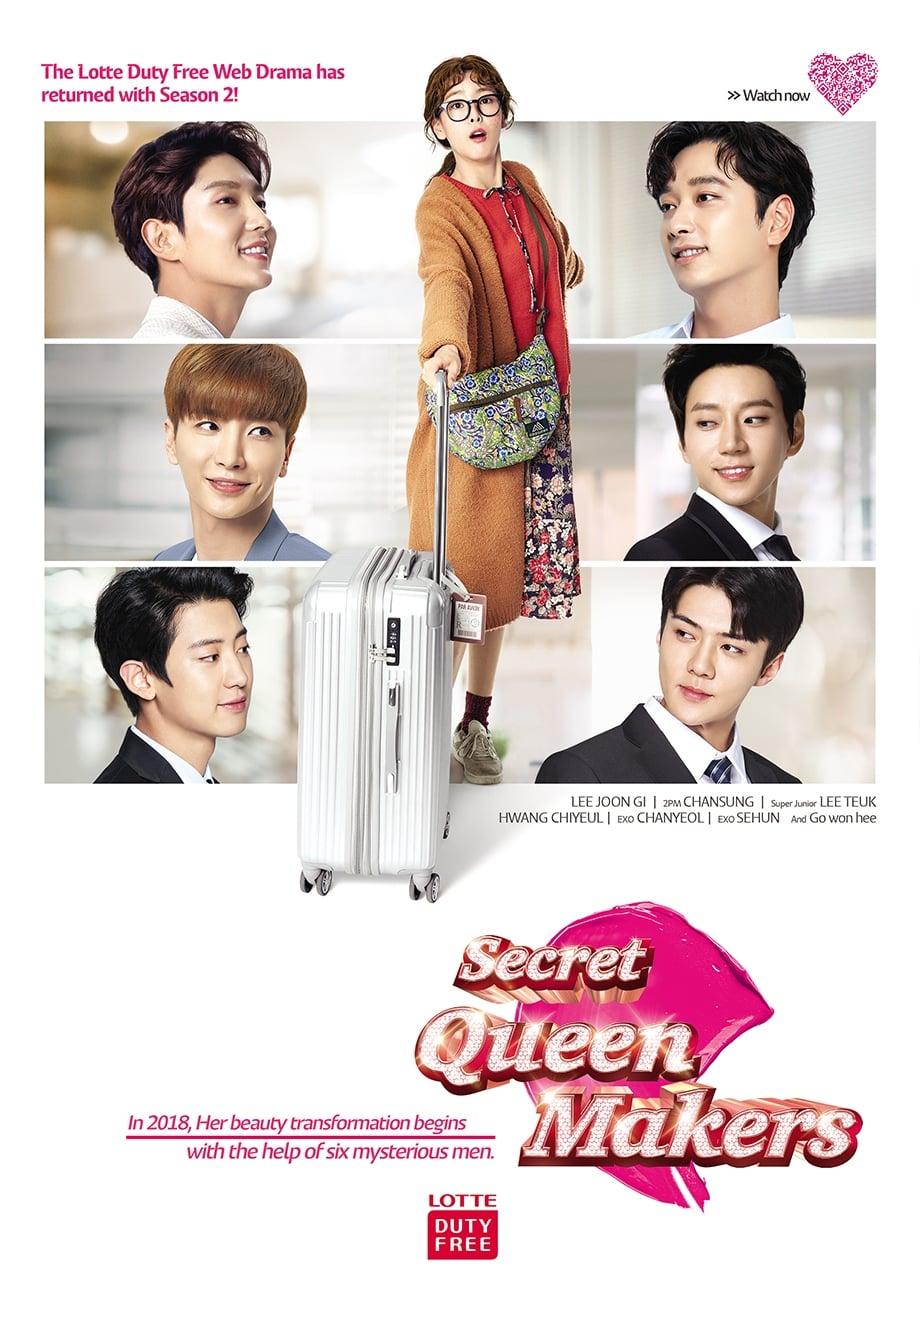 Secret Queen Makers (2018)